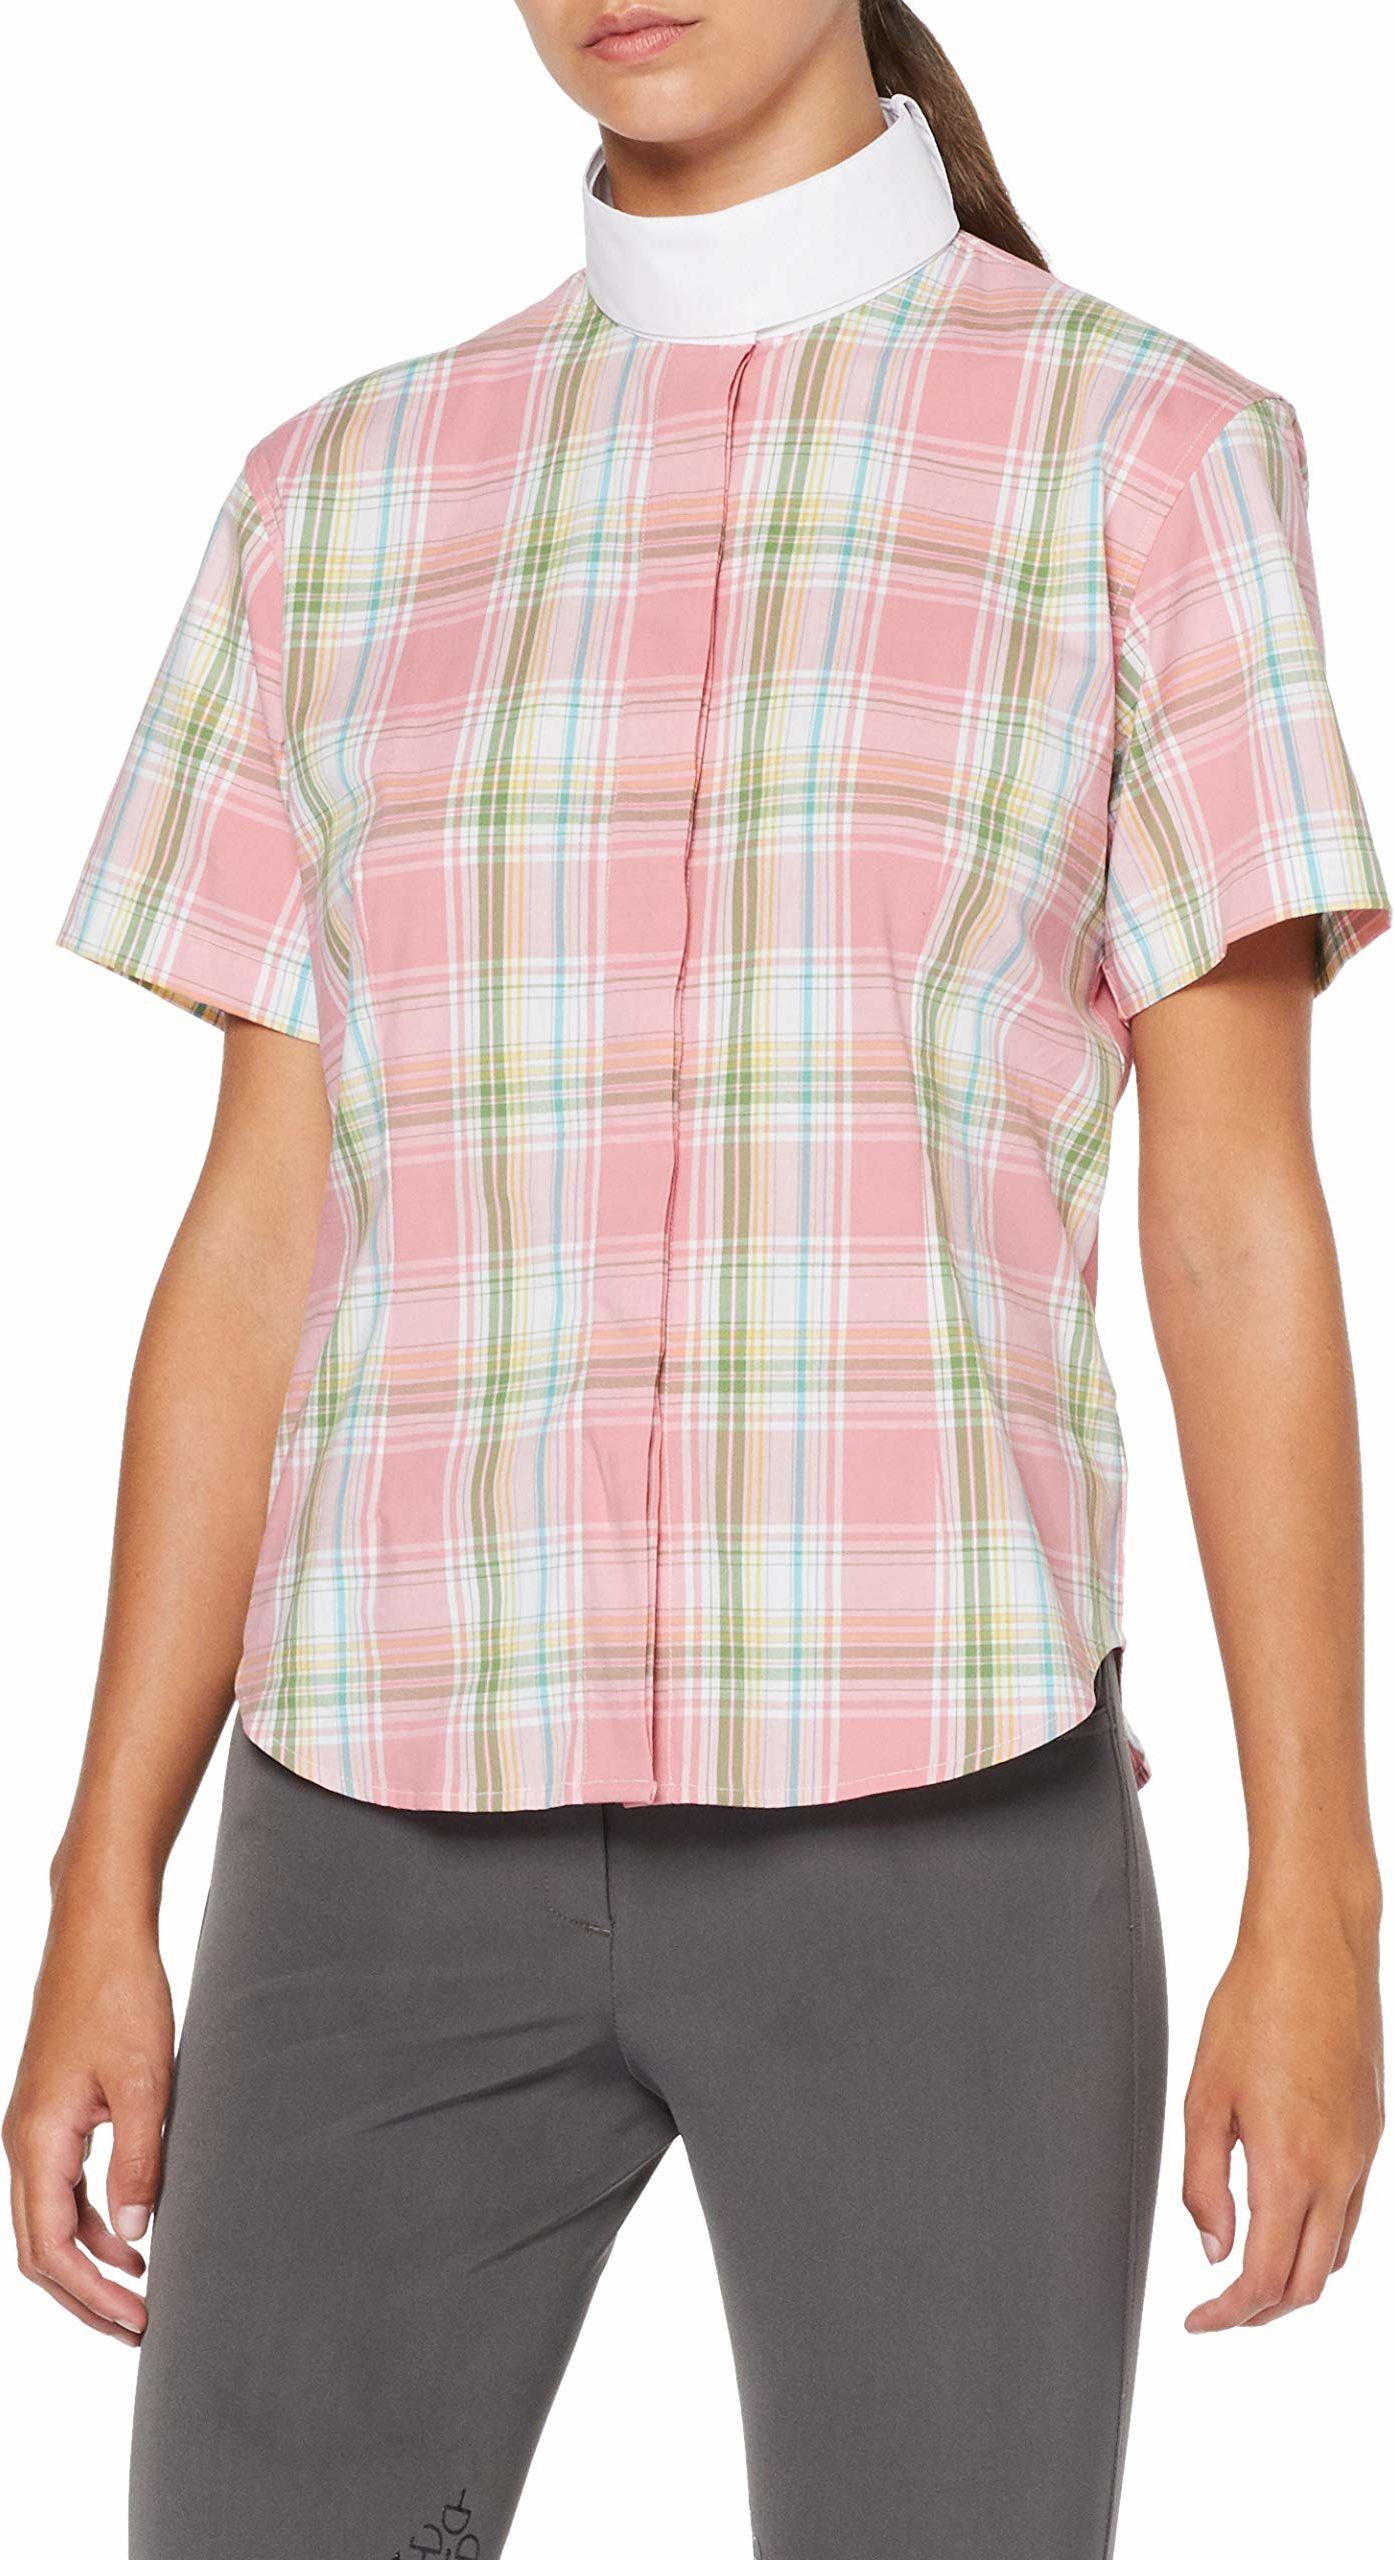 HKM damska bluzka do jazdy konnej, elastyczna, rękaw 1/4, różowy/biały/zielony w kratkę, 152